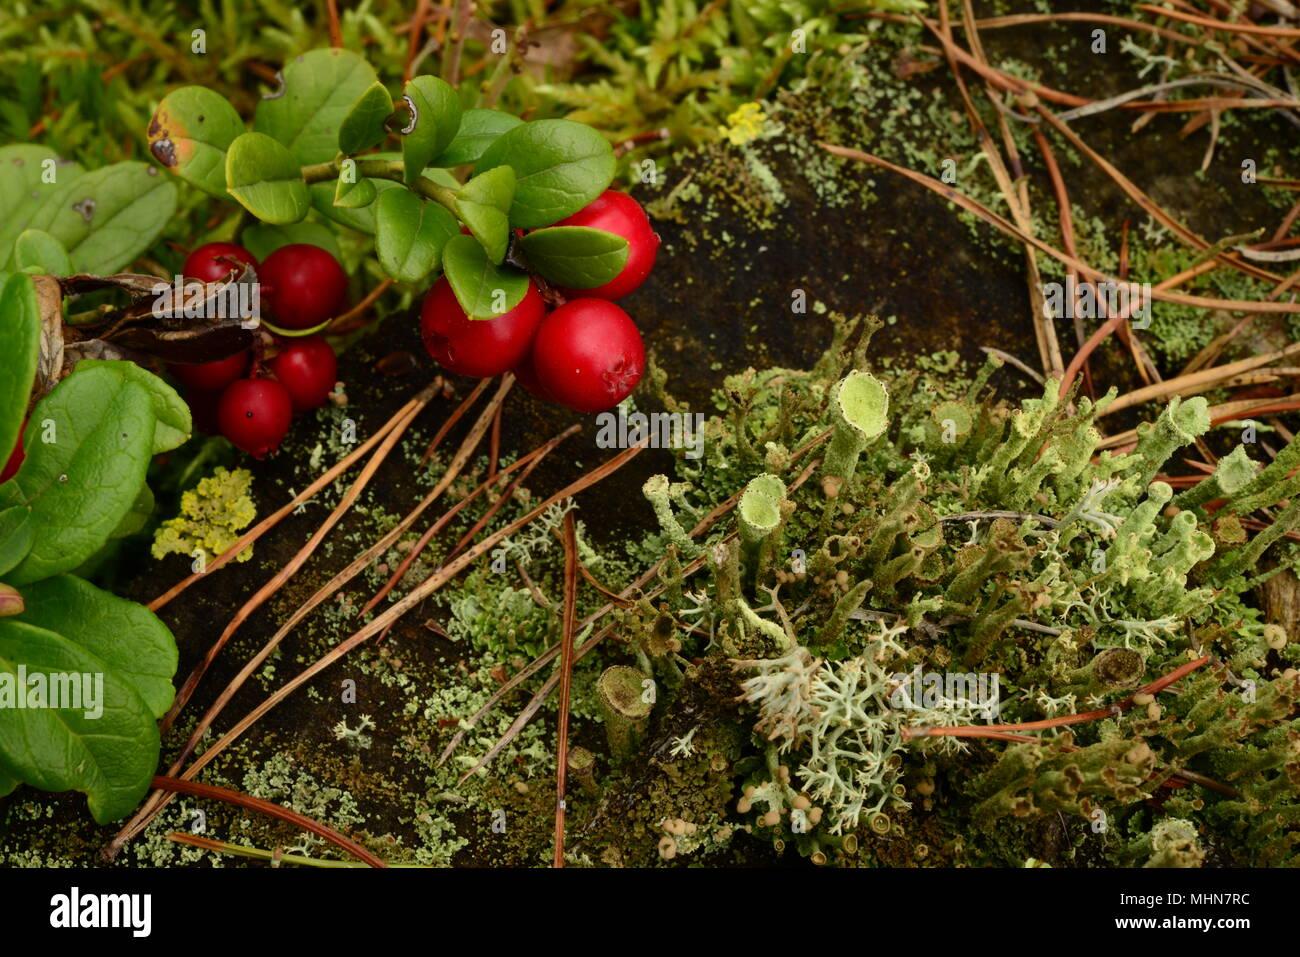 Berry bush di rosso cowberry su un vecchio ceppo di albero nel verde muschio la sua naturale bellezza brillanti colori di sfondo della natura Immagini Stock